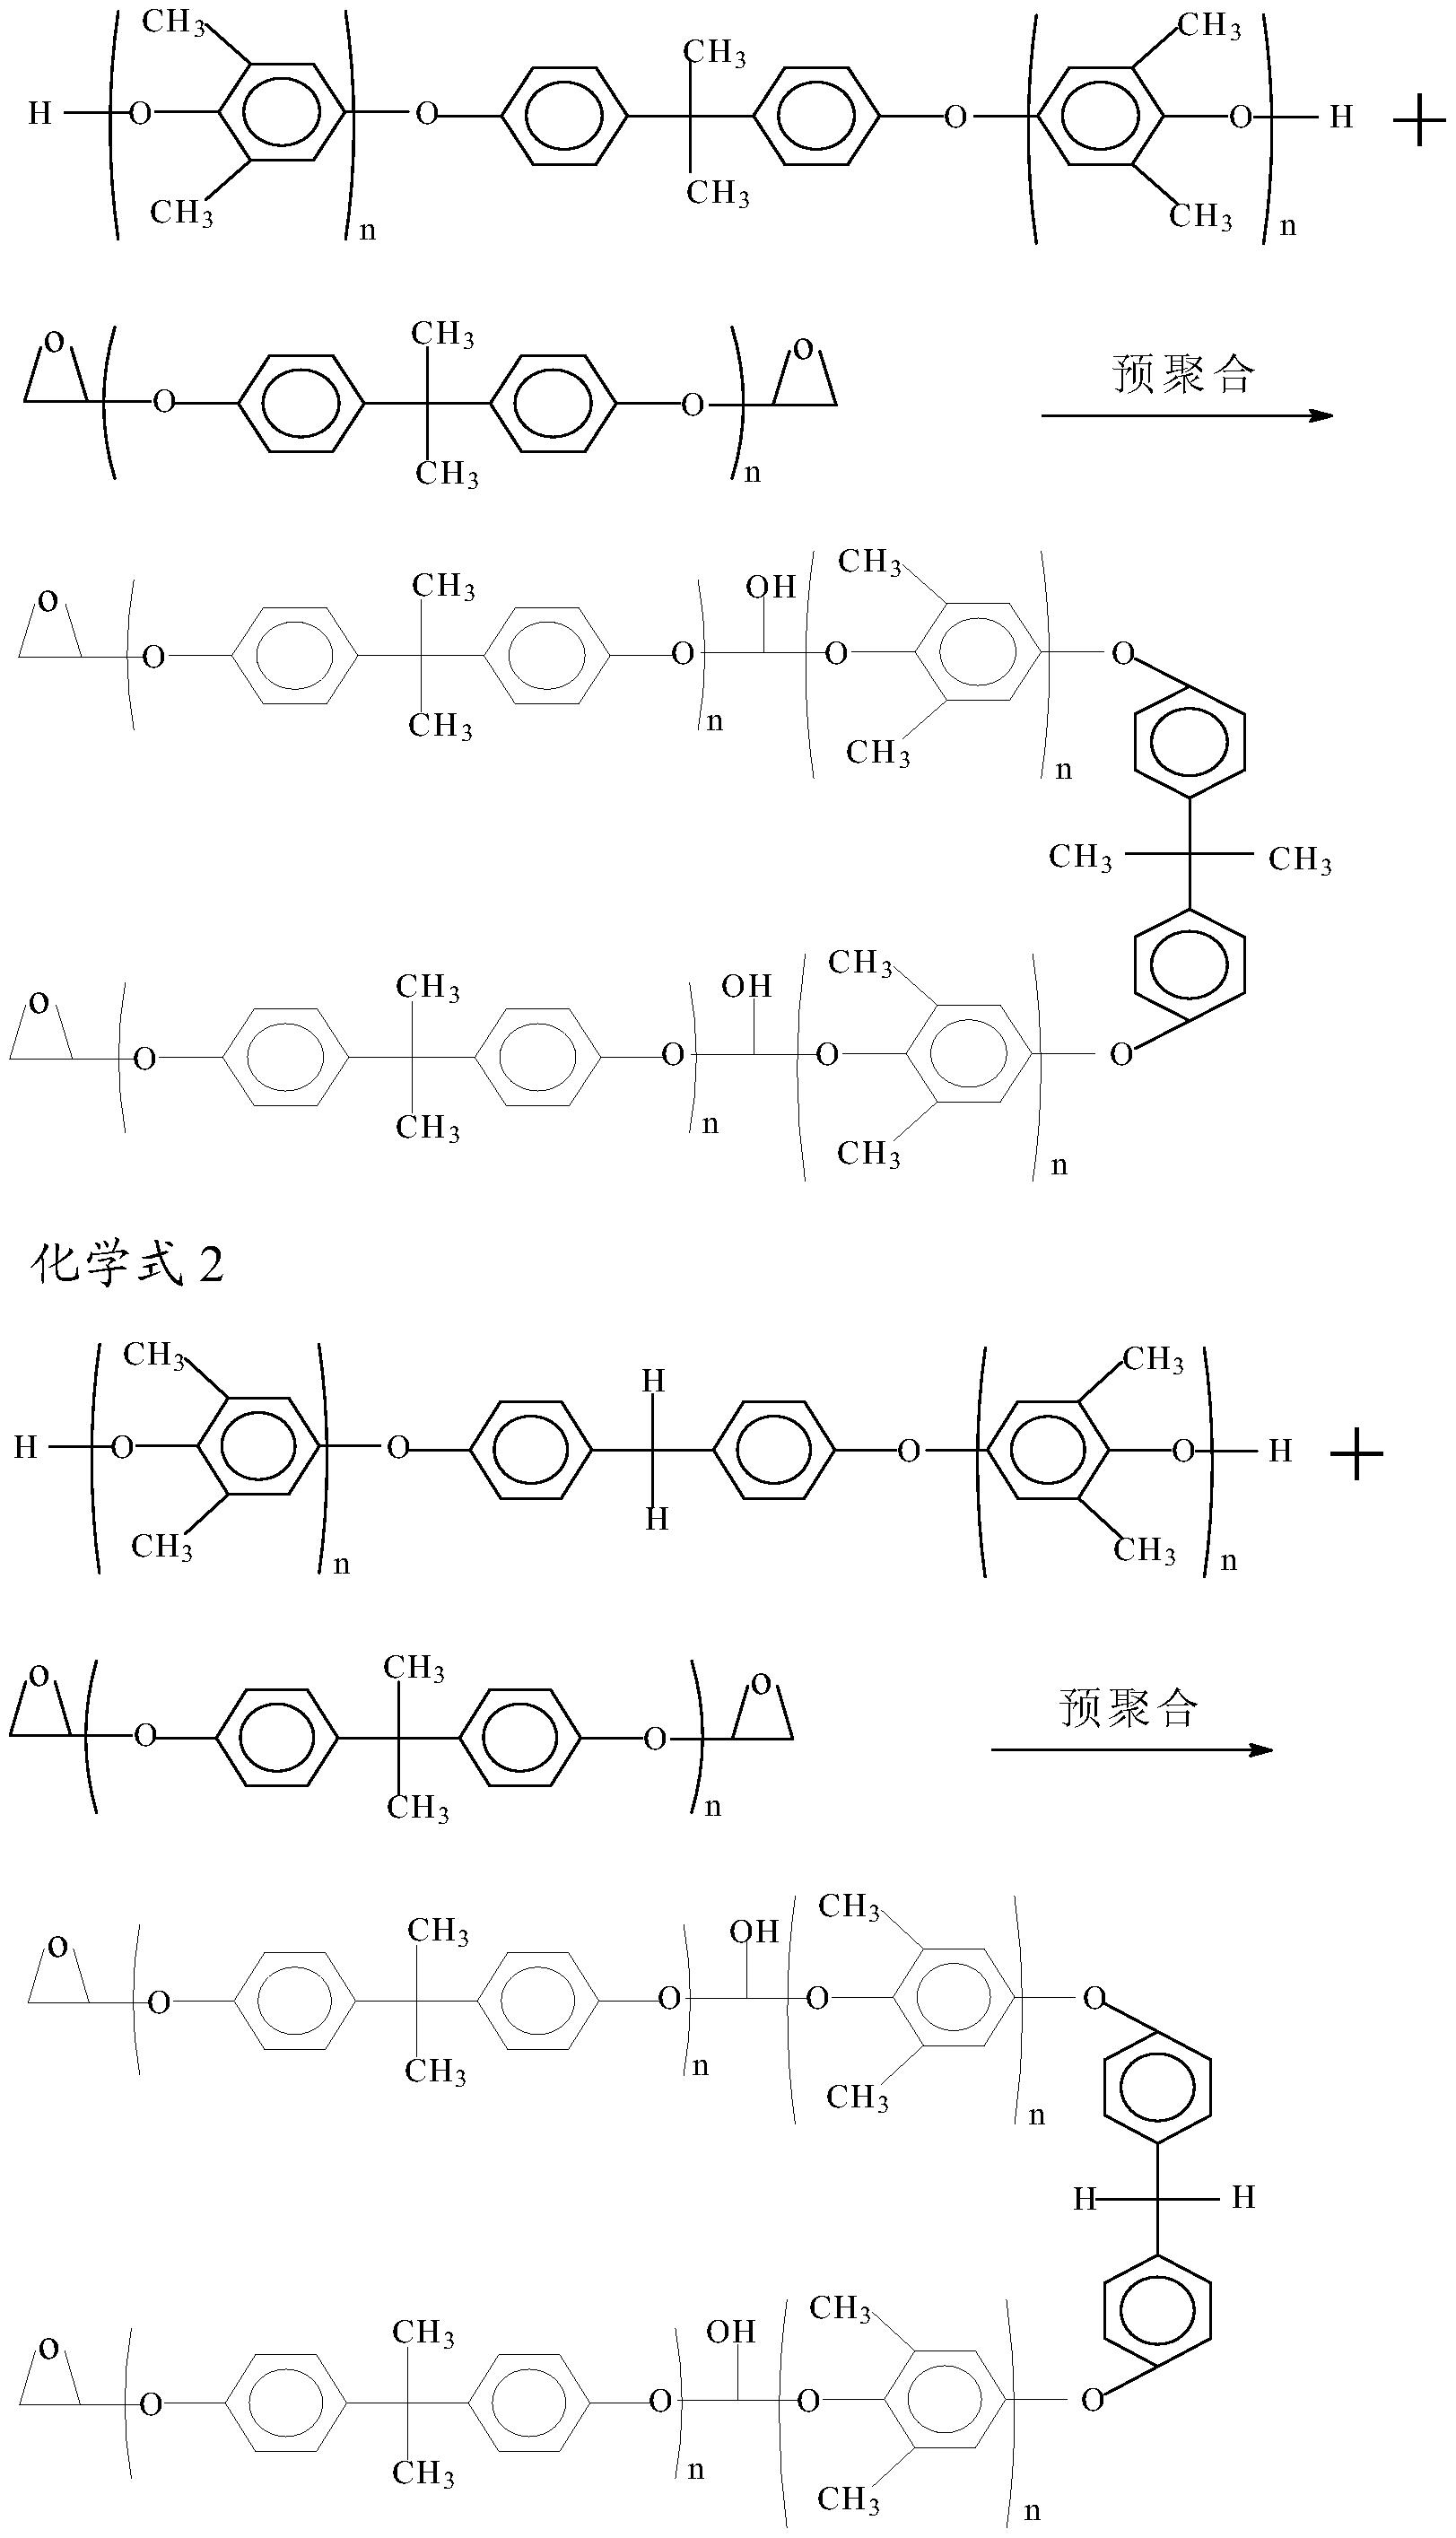 质聚苯醚树脂, 其反应机制及键结结构如化学式 1及化学式 2所示:   由